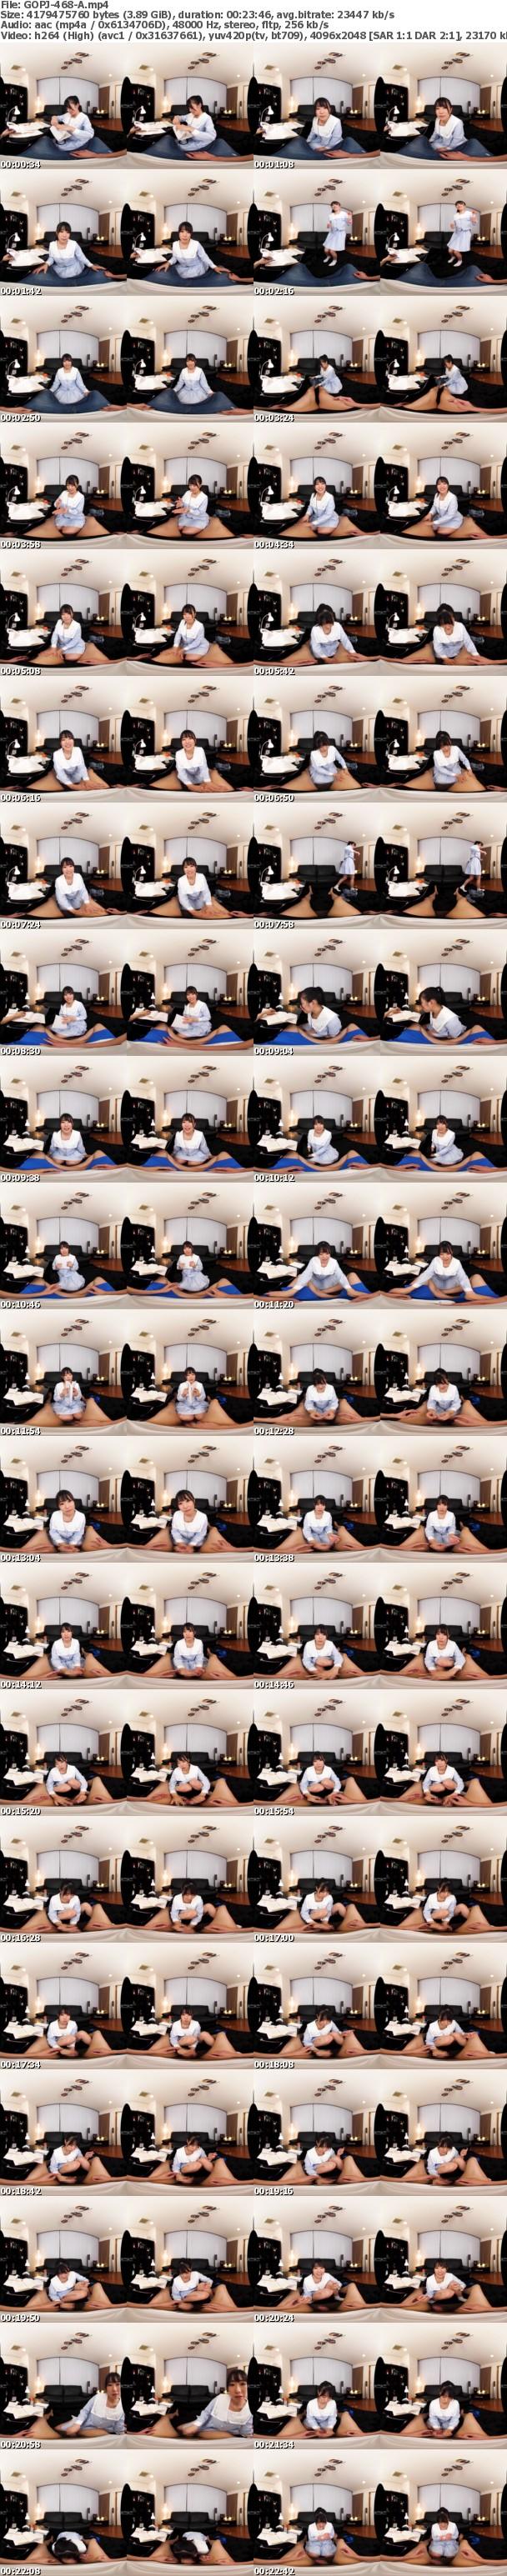 (VR) GOPJ-468 HQ 劇的超高画質 無垢な妹の小悪魔射精管理 チ●ポに興味津々ロ●マンで濃厚ザーメン搾り取りッ!